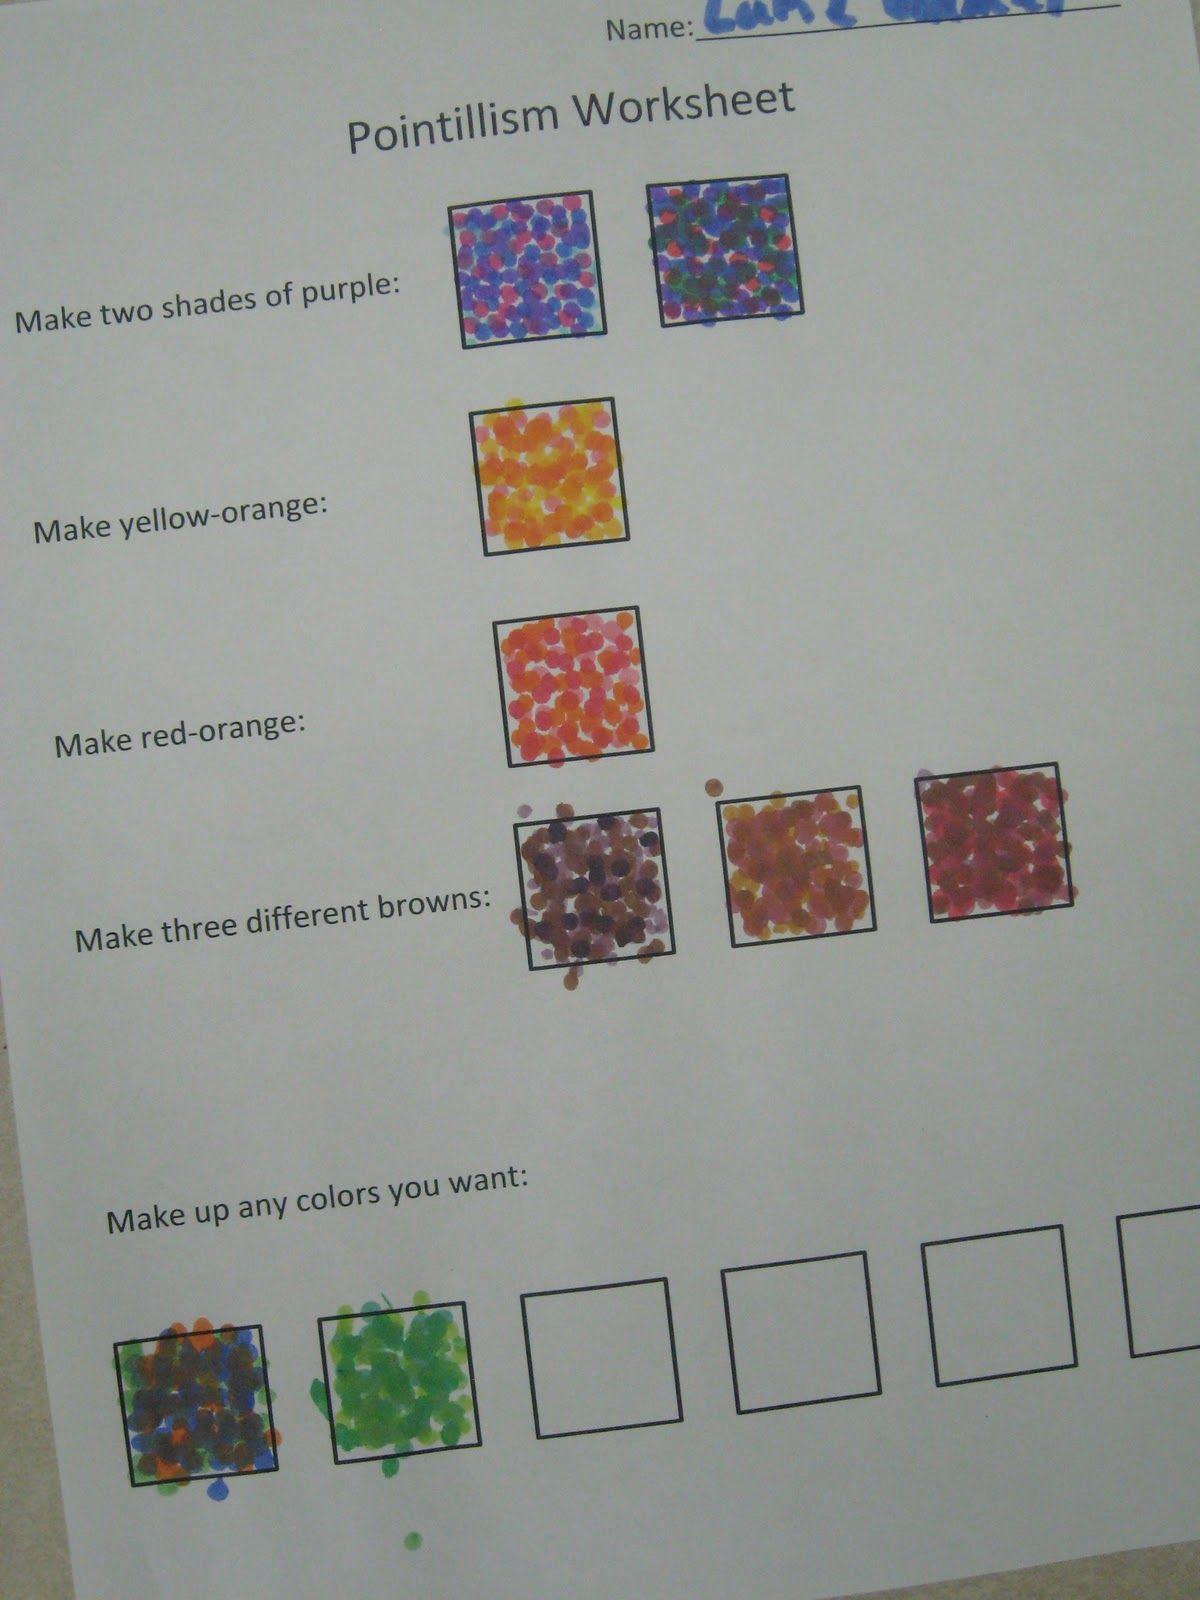 Pointiliism Worksheet Making Color Blends Then